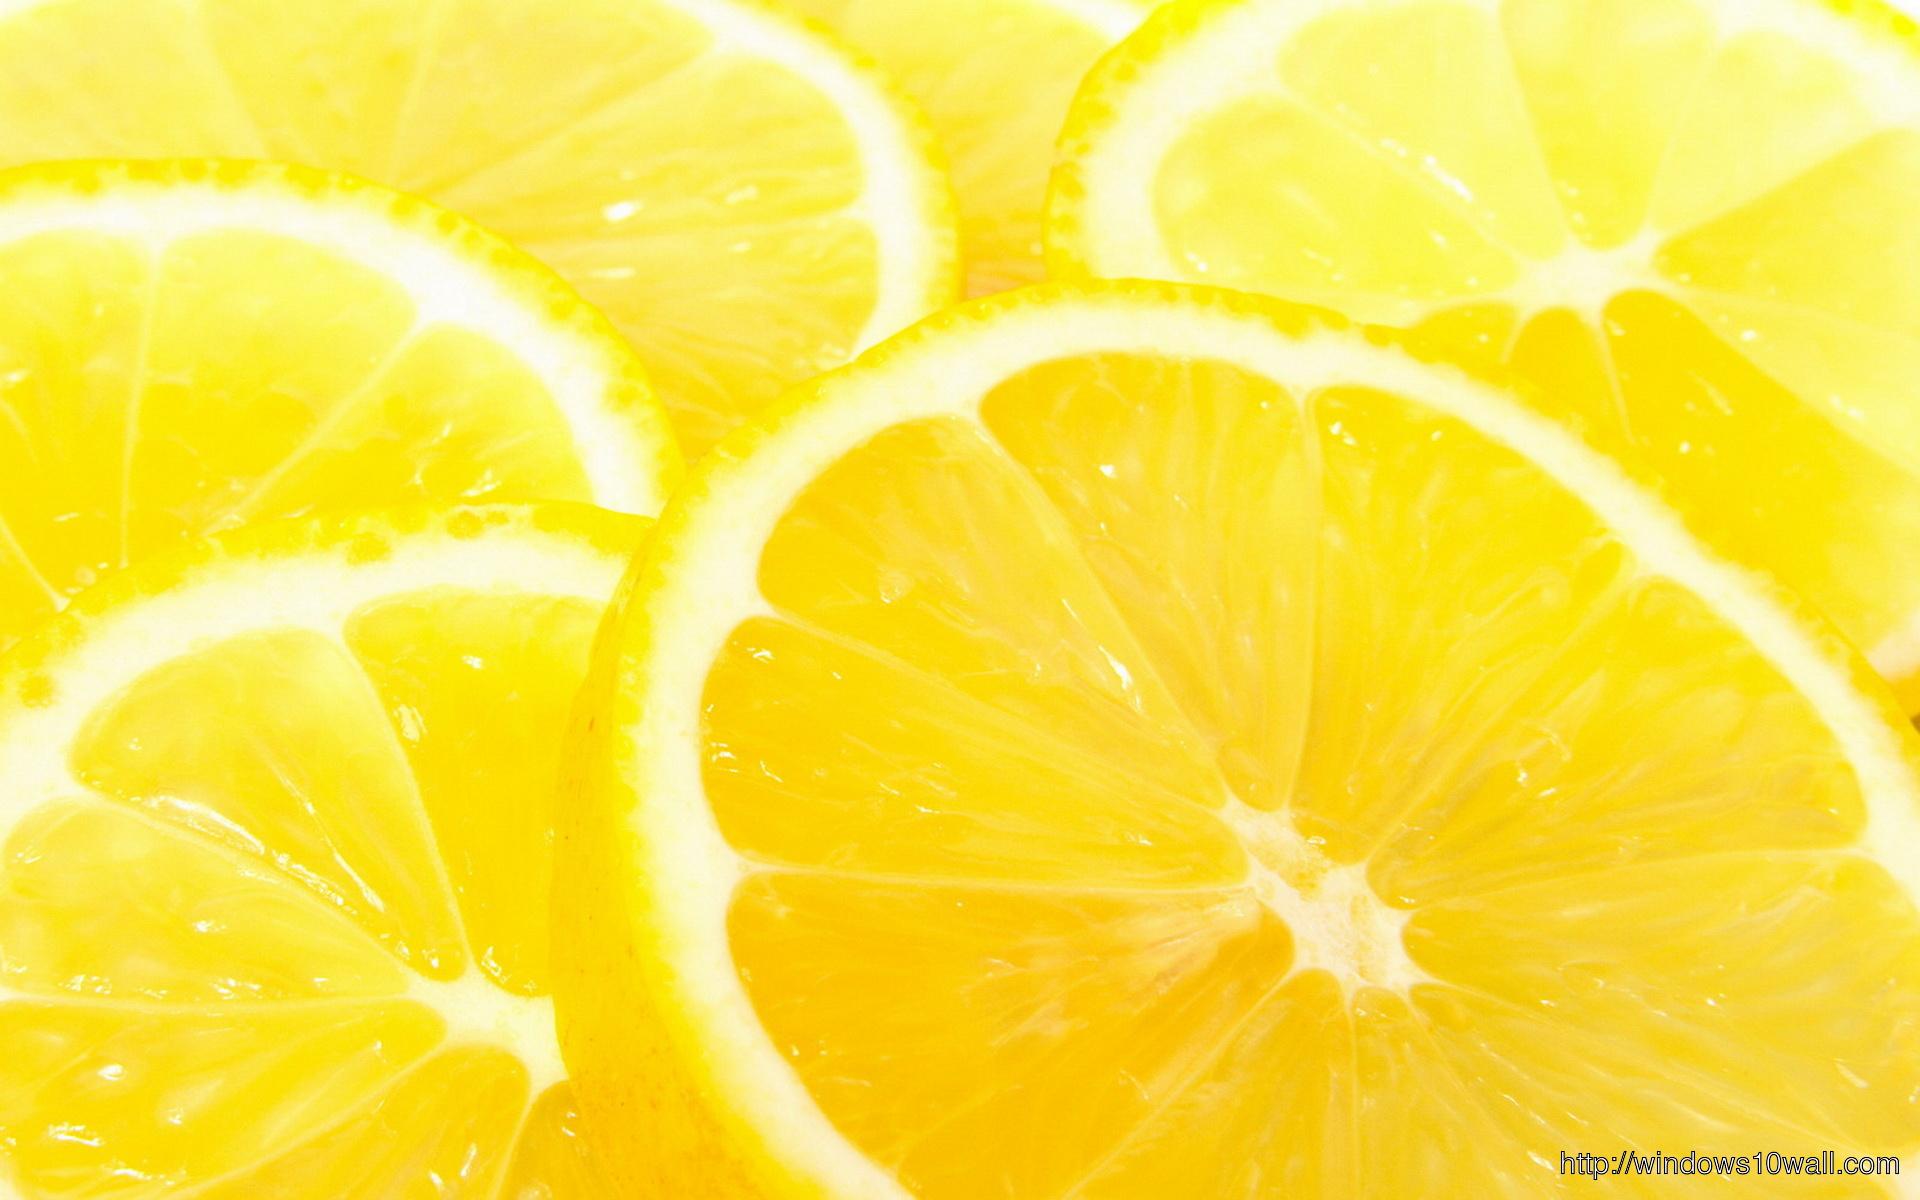 Lemon Background Image